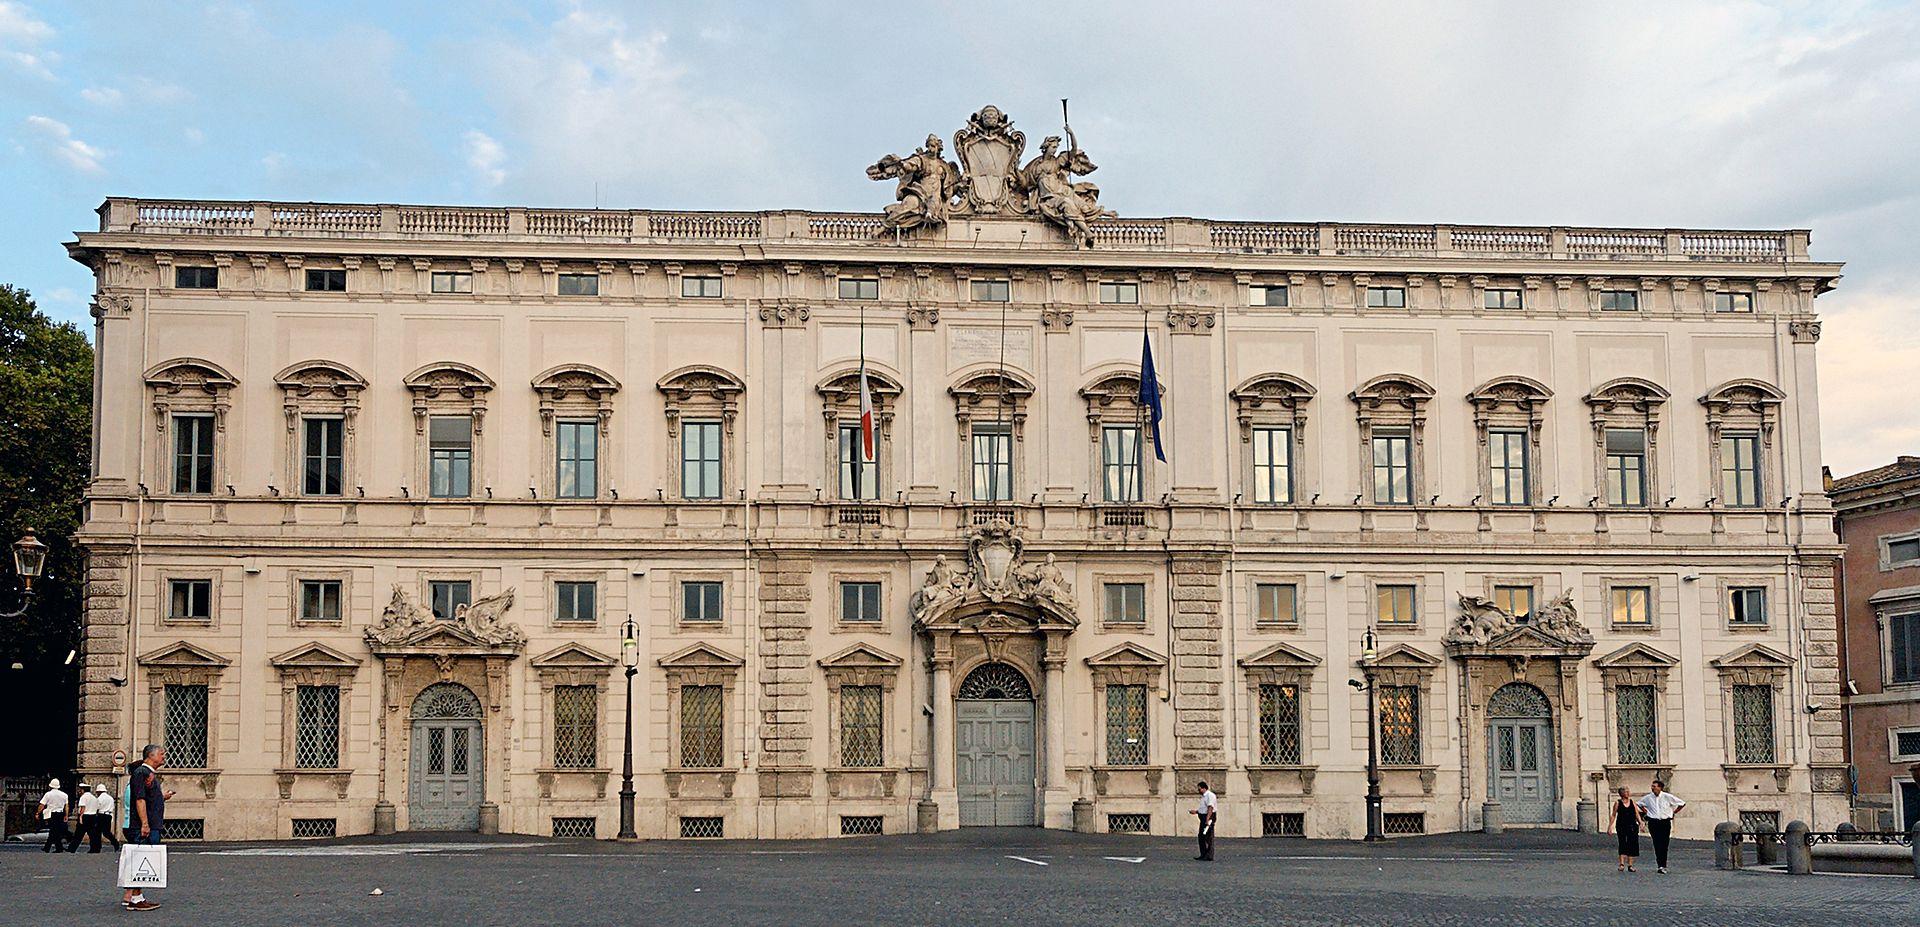 Public Domainview terms File:Palazzo della Consulta Roma 2006.jpg Created: 1 January 2006 italy